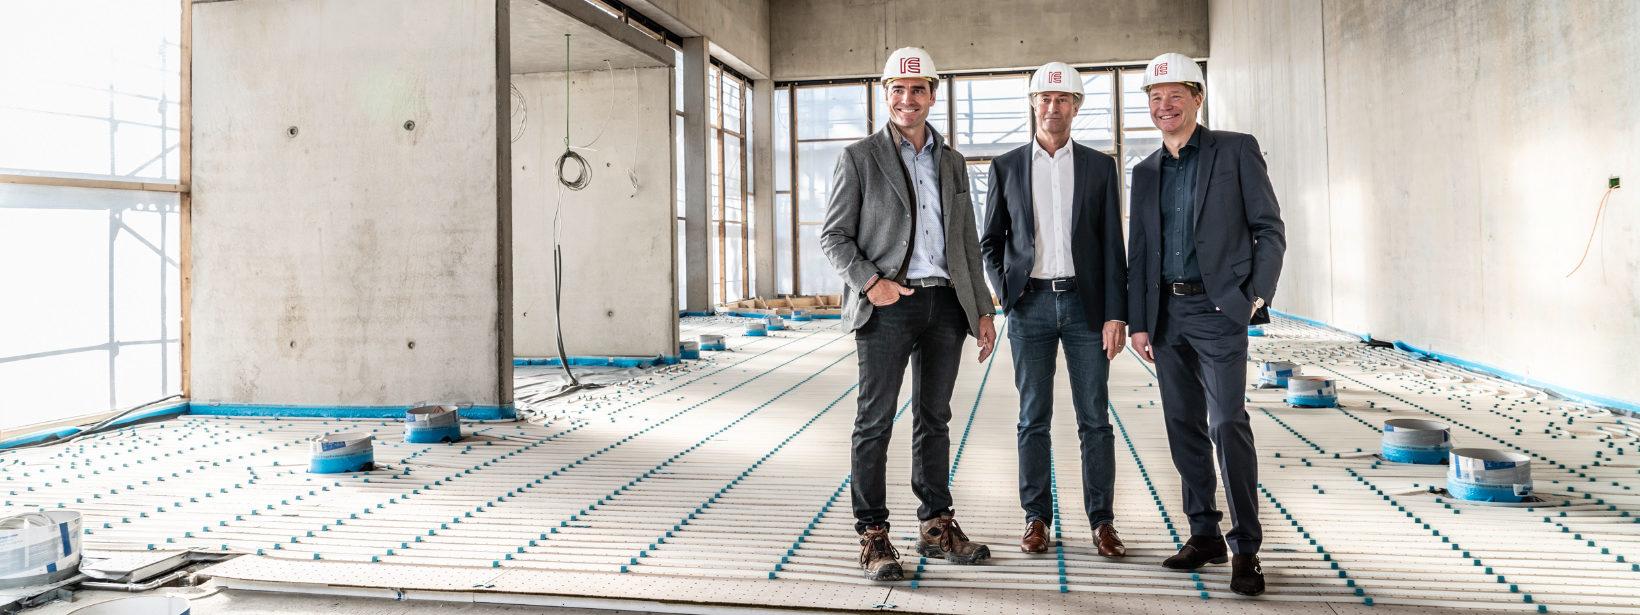 IE-Group steht für umfassende Expertise im Industriebau